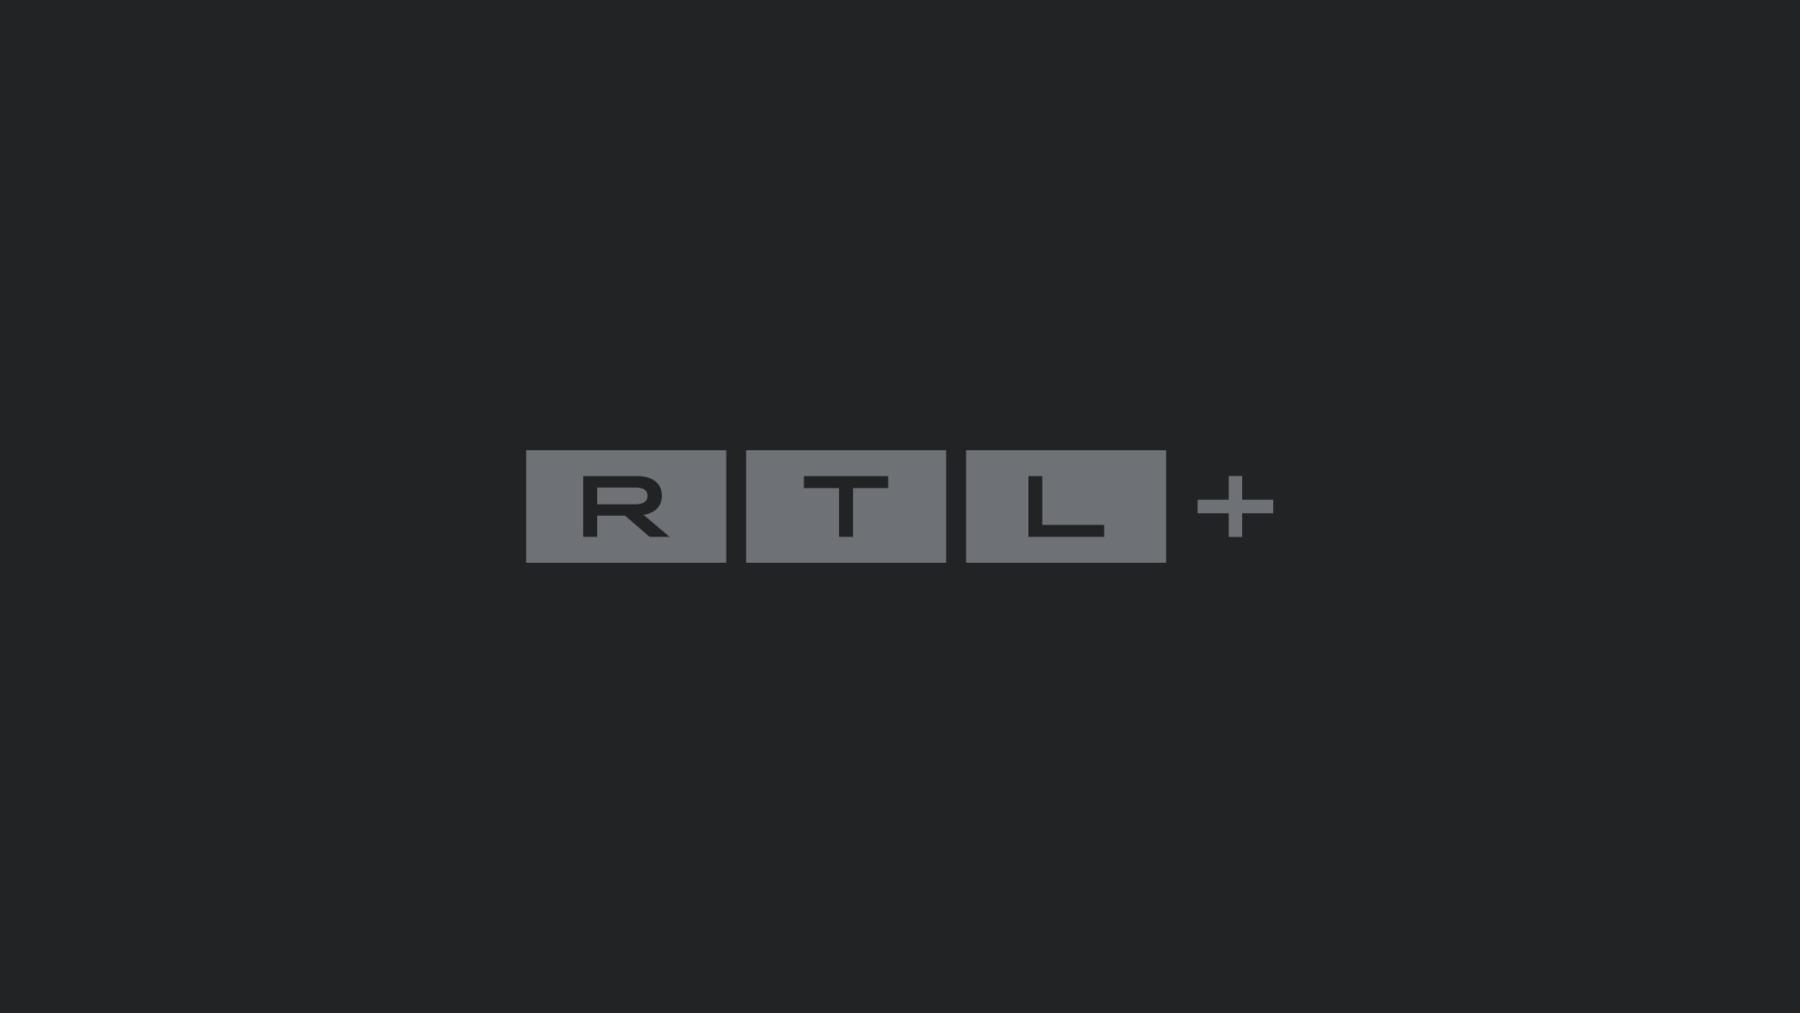 Wieviel wiegt ihr Gebäude, Mr. Foster?